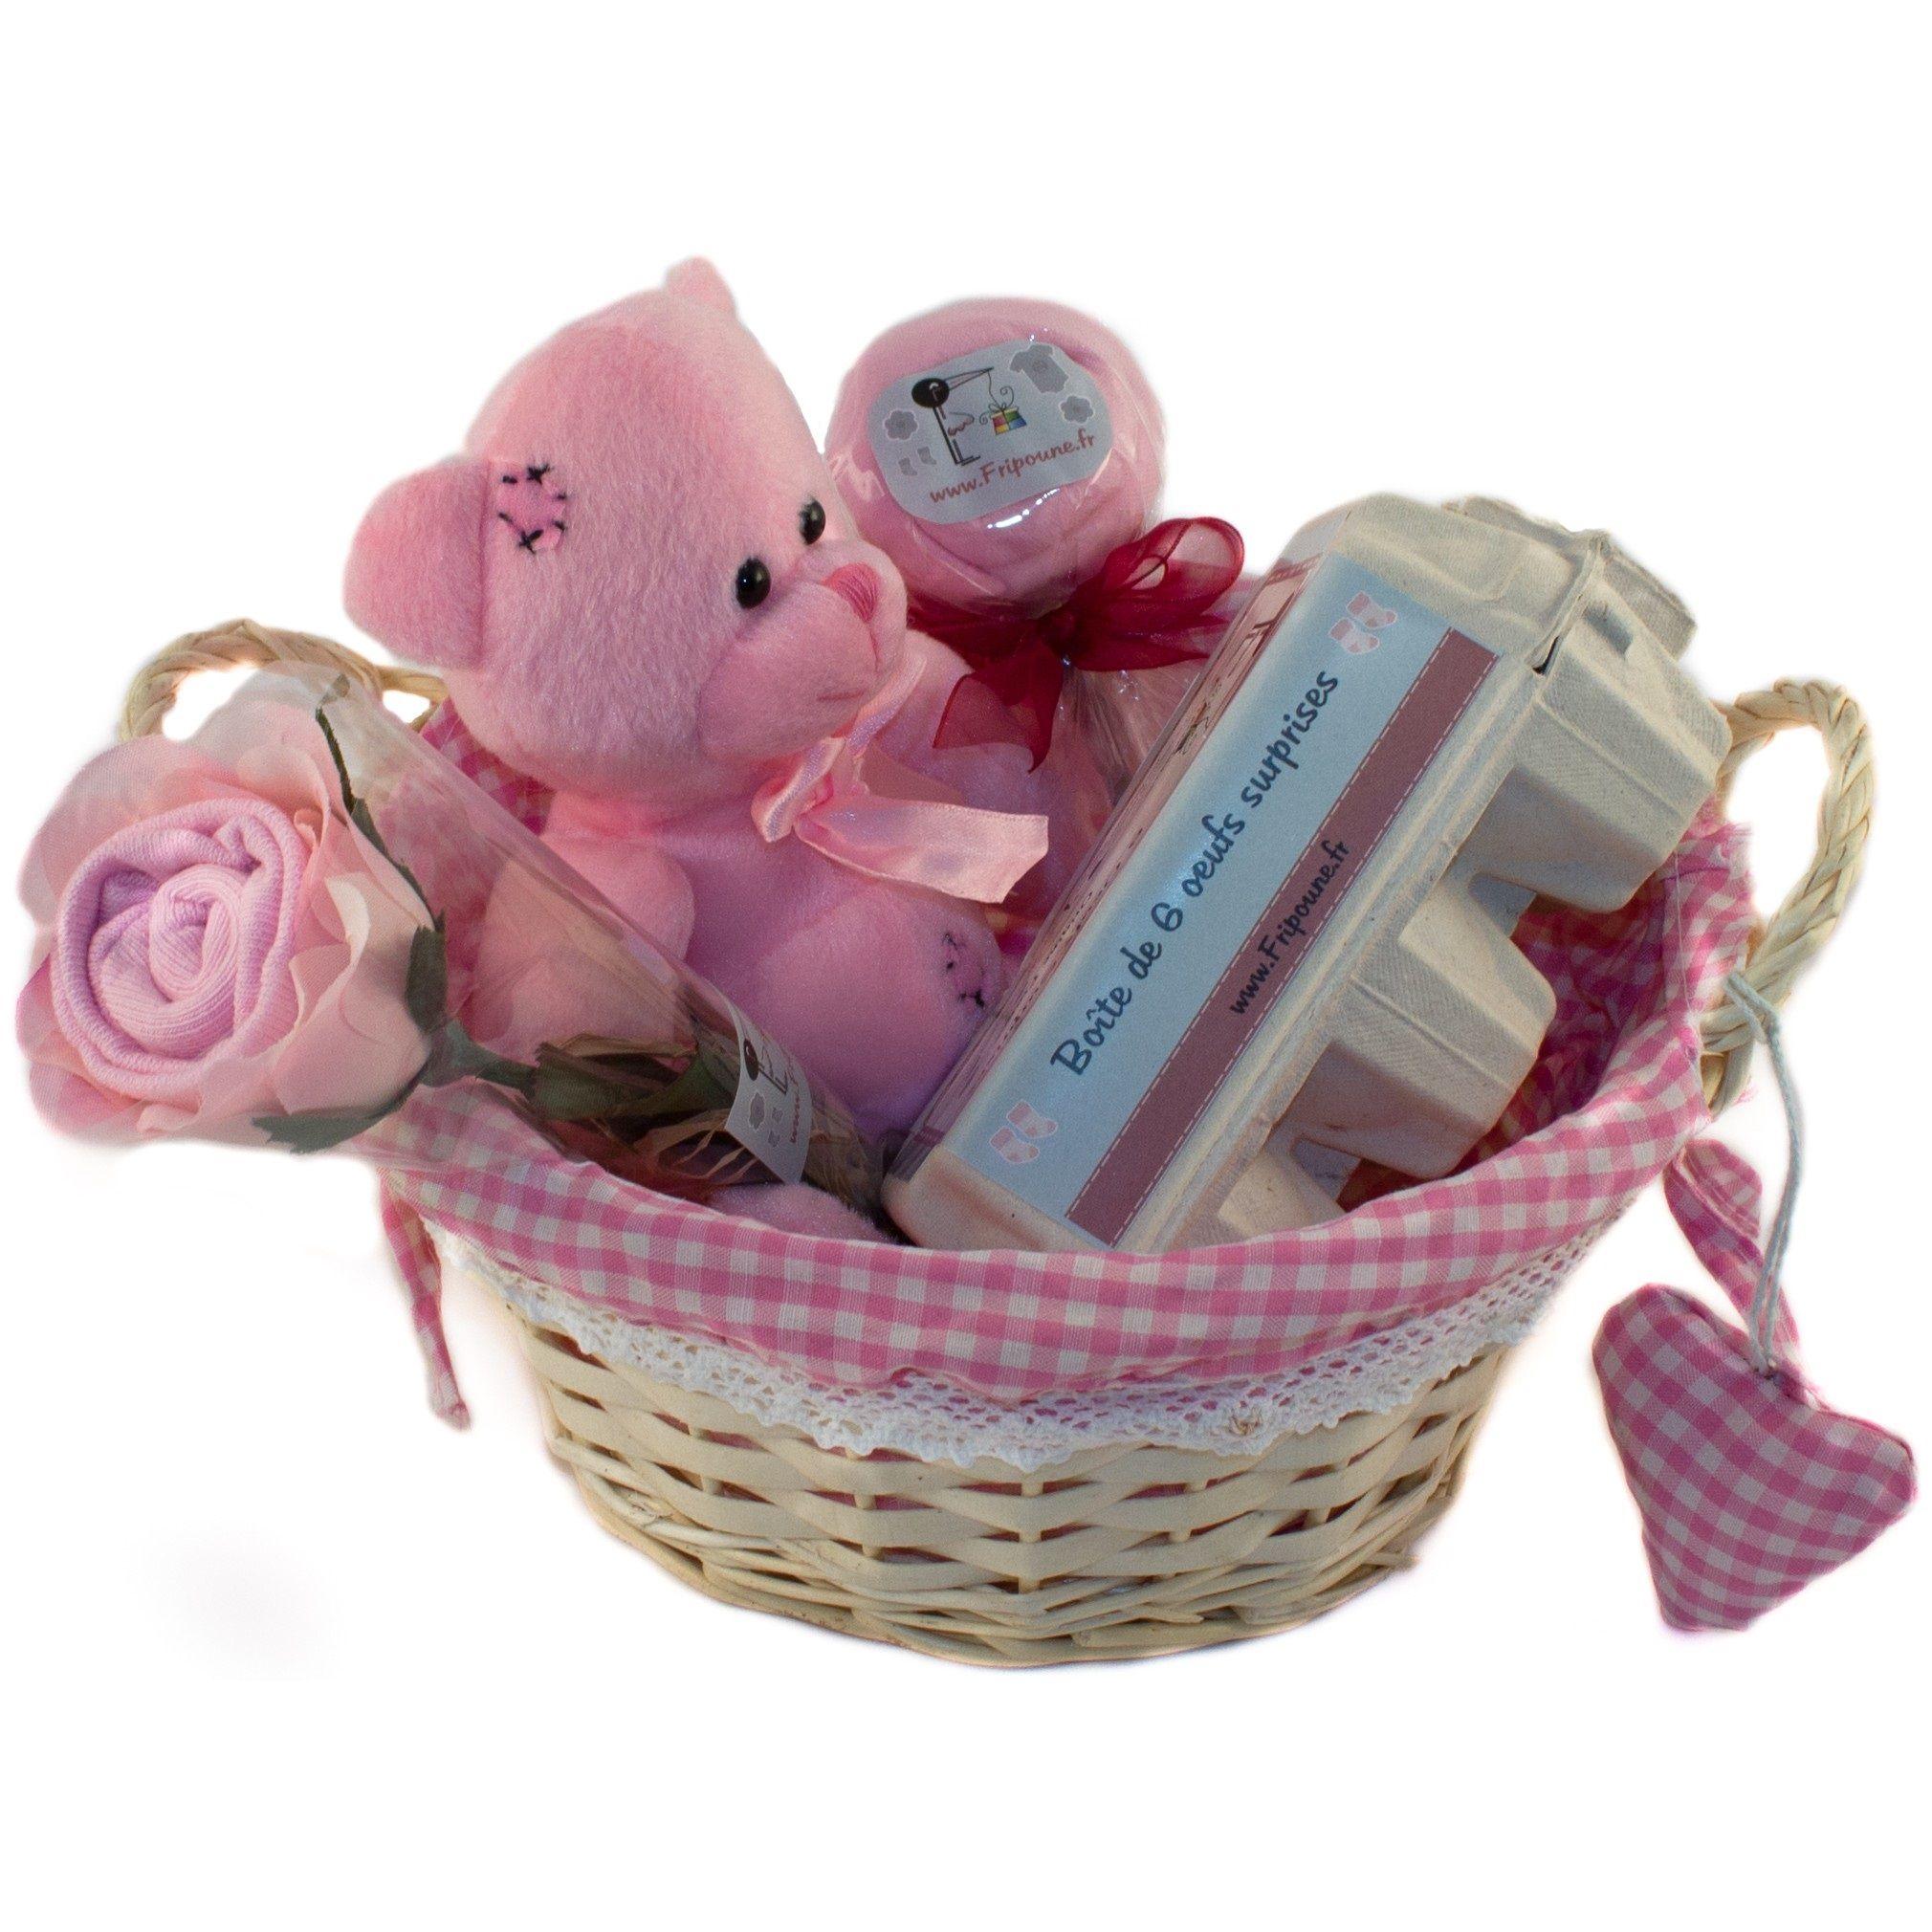 V/êtements Et Cadeaux B/éb/é Bo/îtes Cadeau De Naissance Nouveau-N/ée Bo/îte /À Souvenirs Rose Avec Peluche